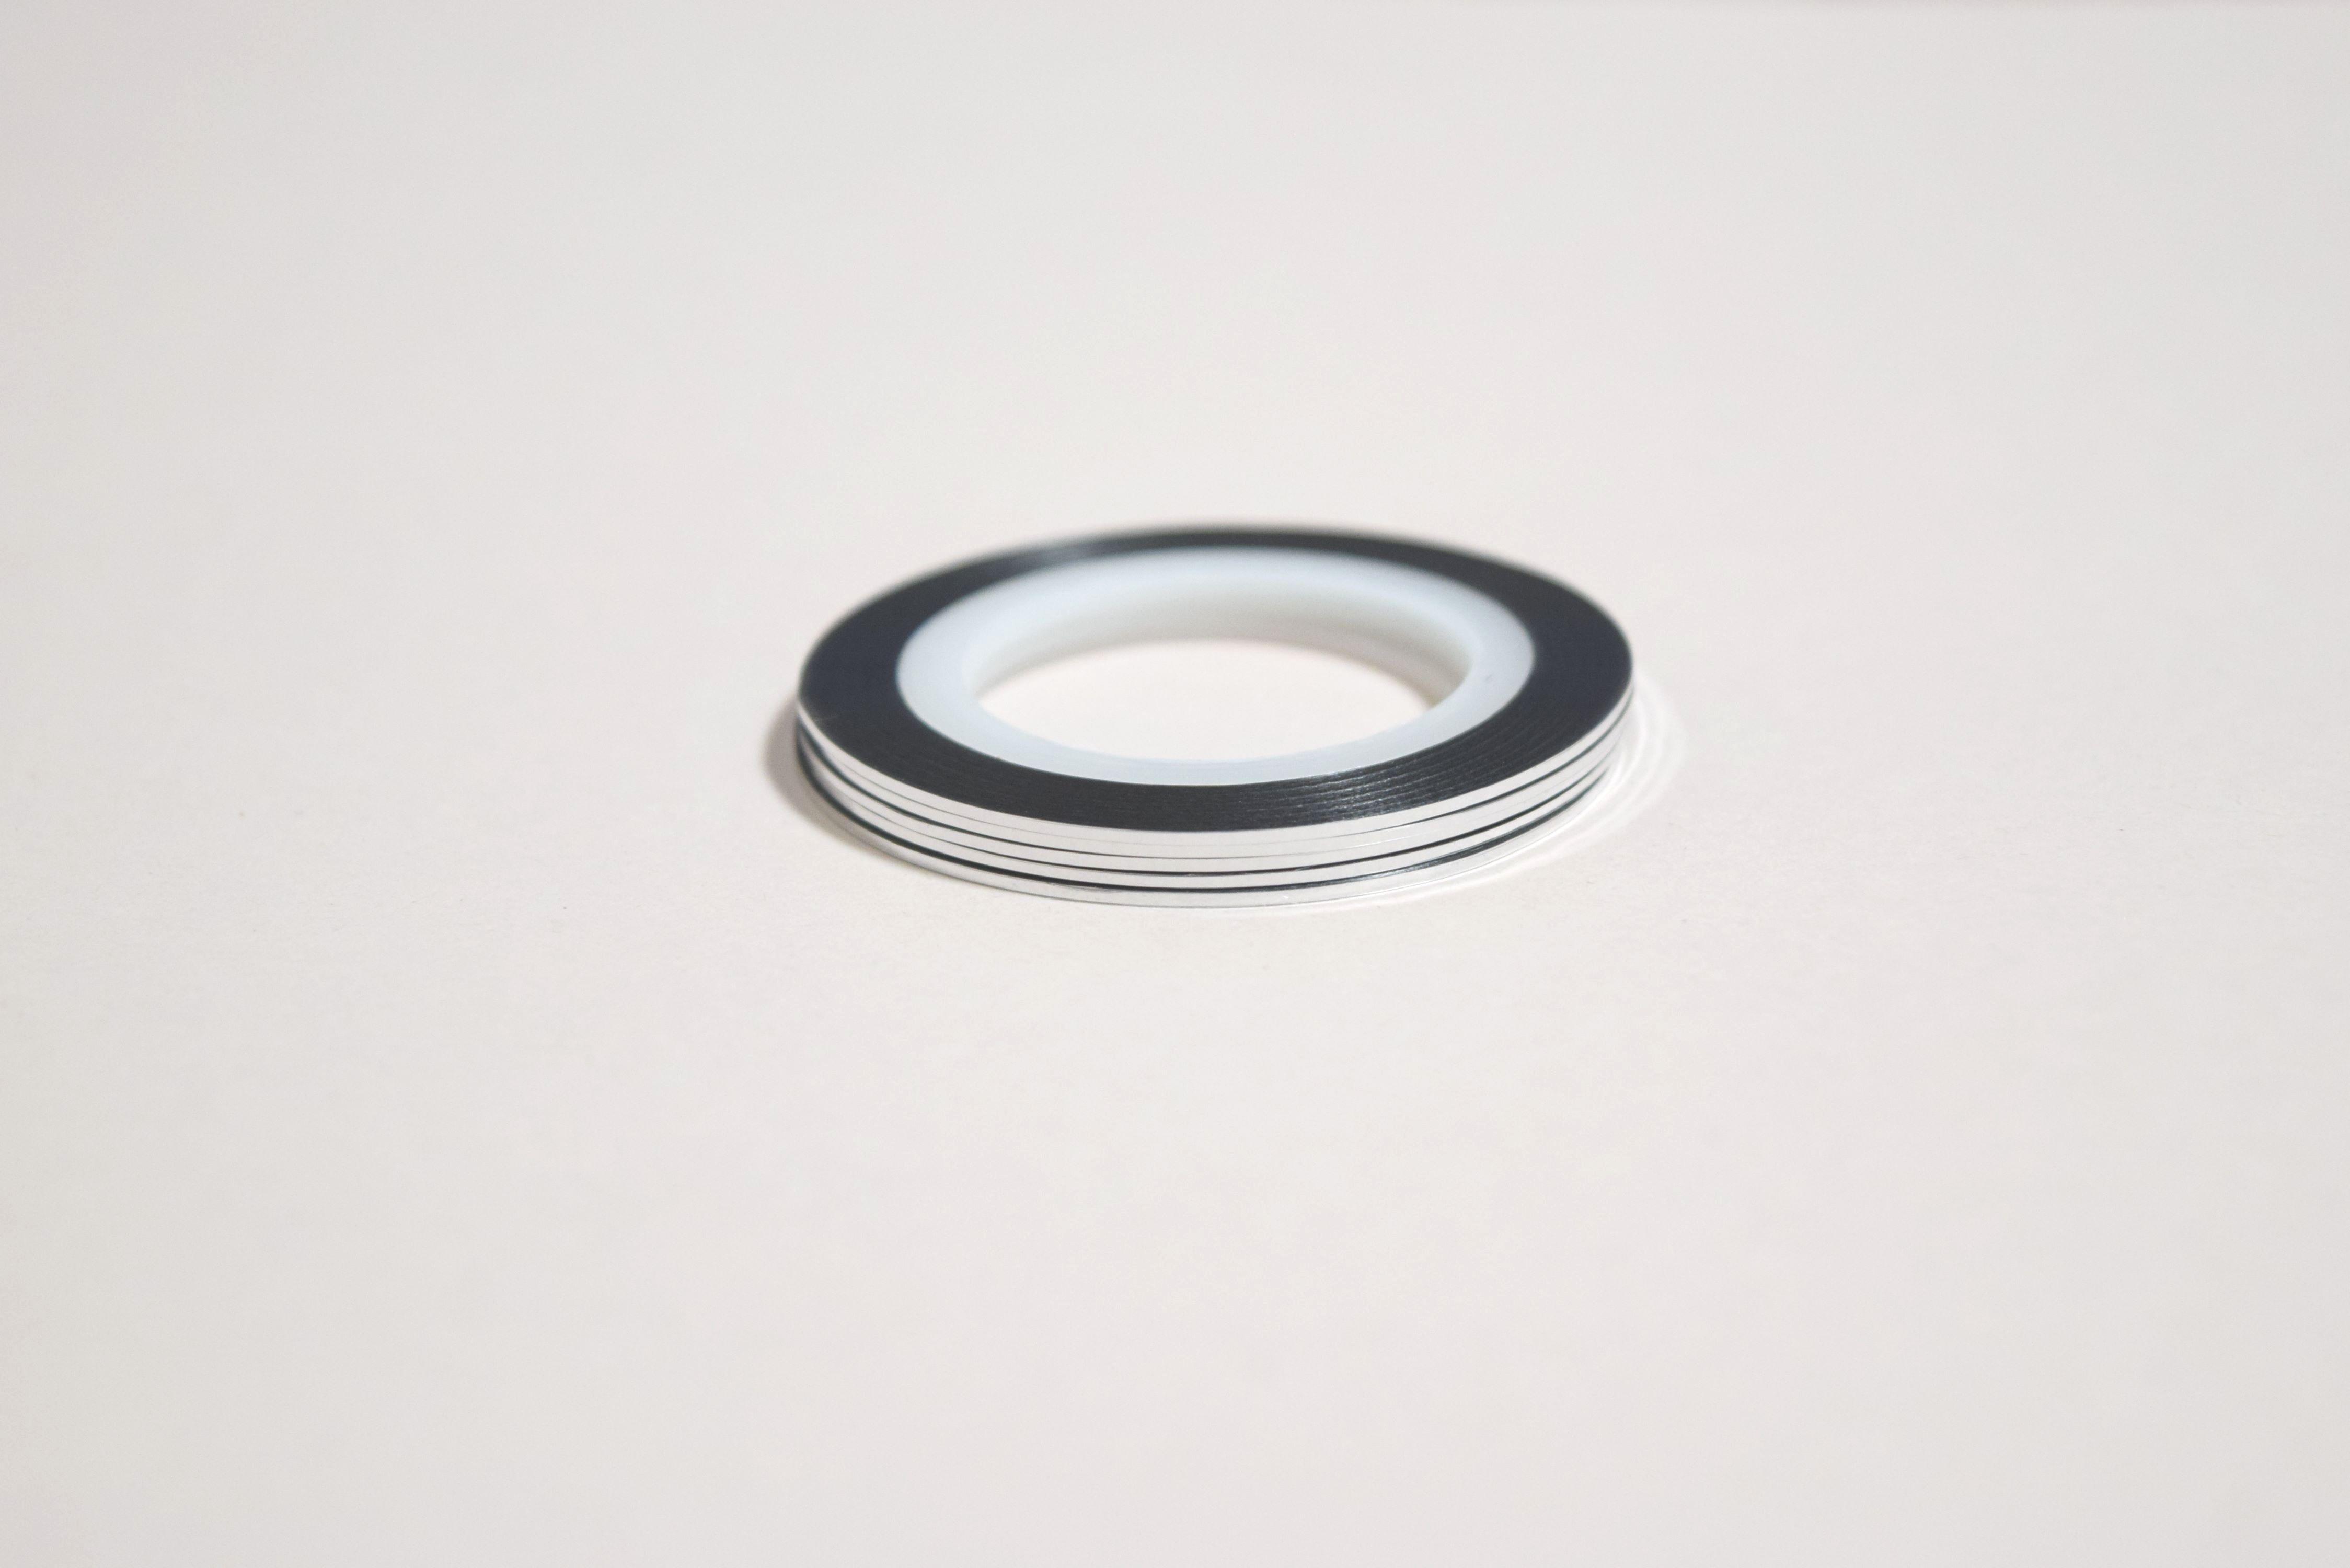 ラインテープ ネイル シルバー 1mm 20m 1本 ネイル ジェルネイル プチプラ 訳あり アウトレット